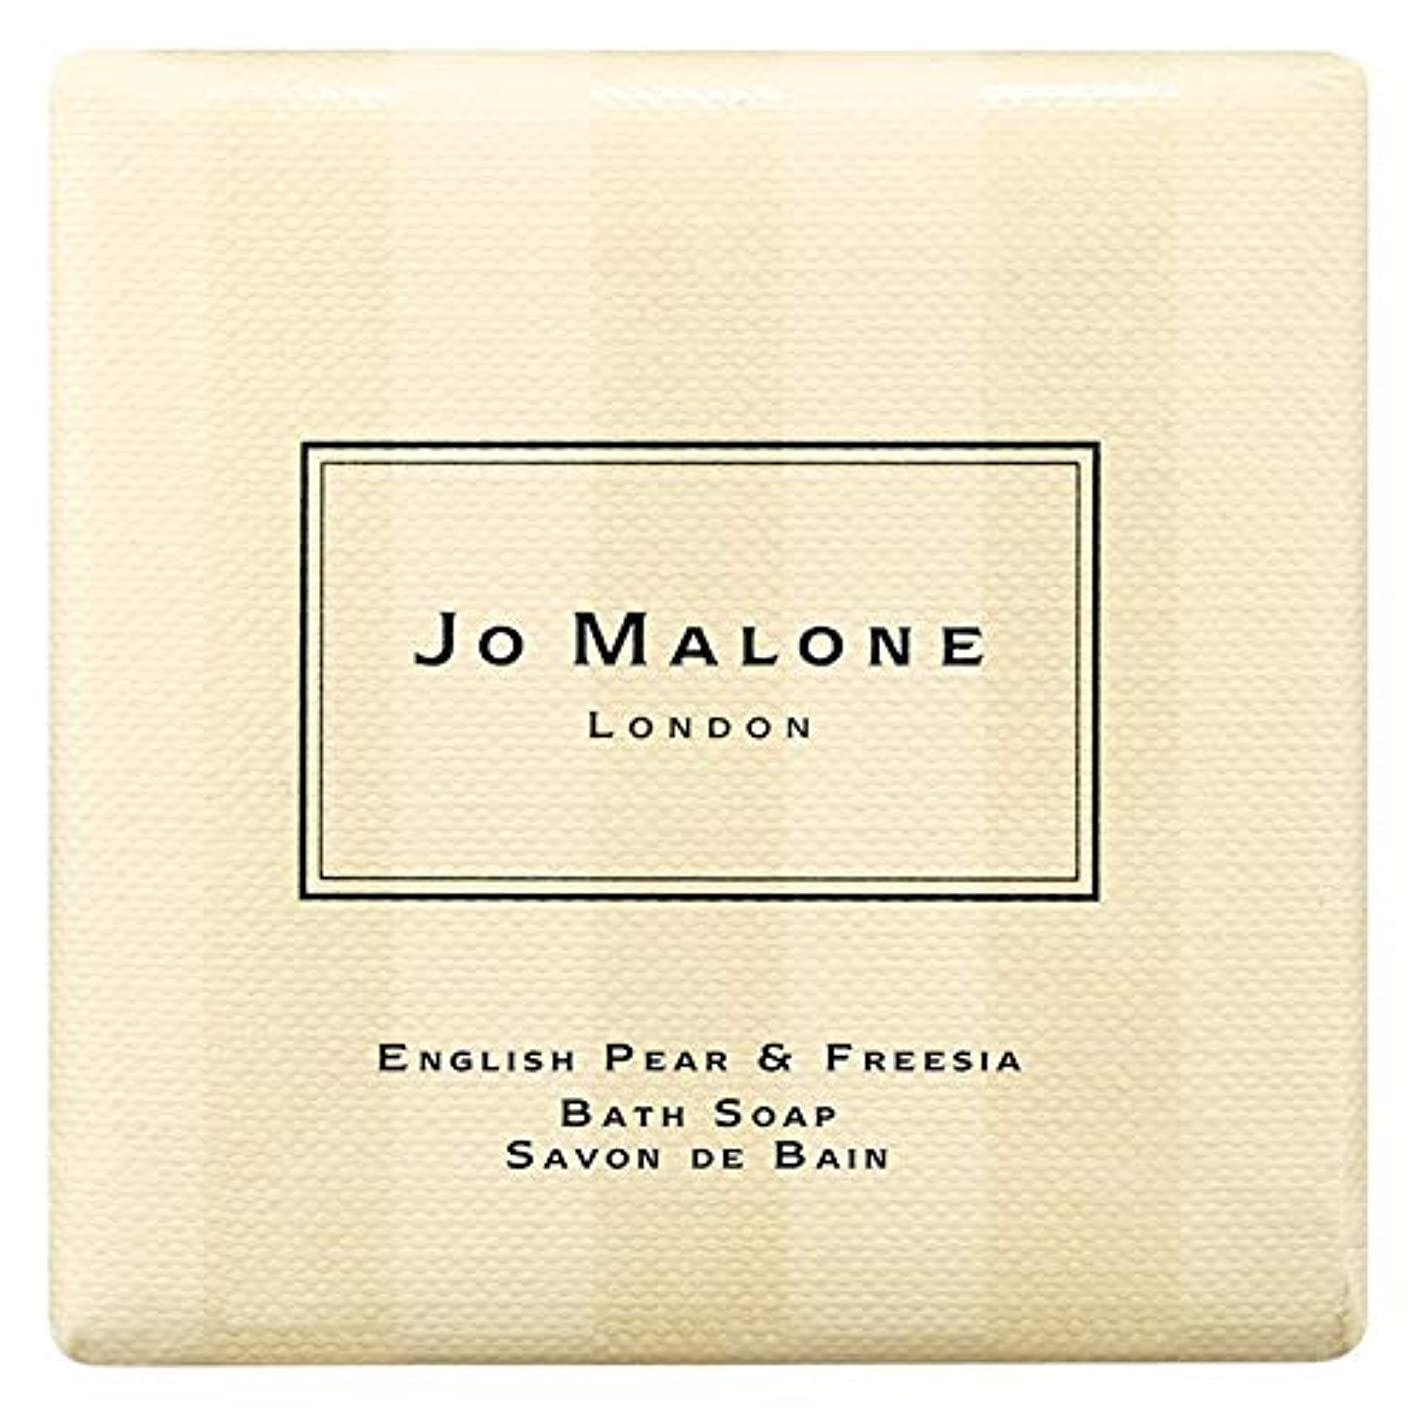 申し立てられた追い付くホテル[Jo Malone] ジョーマローンロンドン英語梨&フリージア入浴石鹸100グラム - Jo Malone London English Pear & Freesia Bath Soap 100g [並行輸入品]